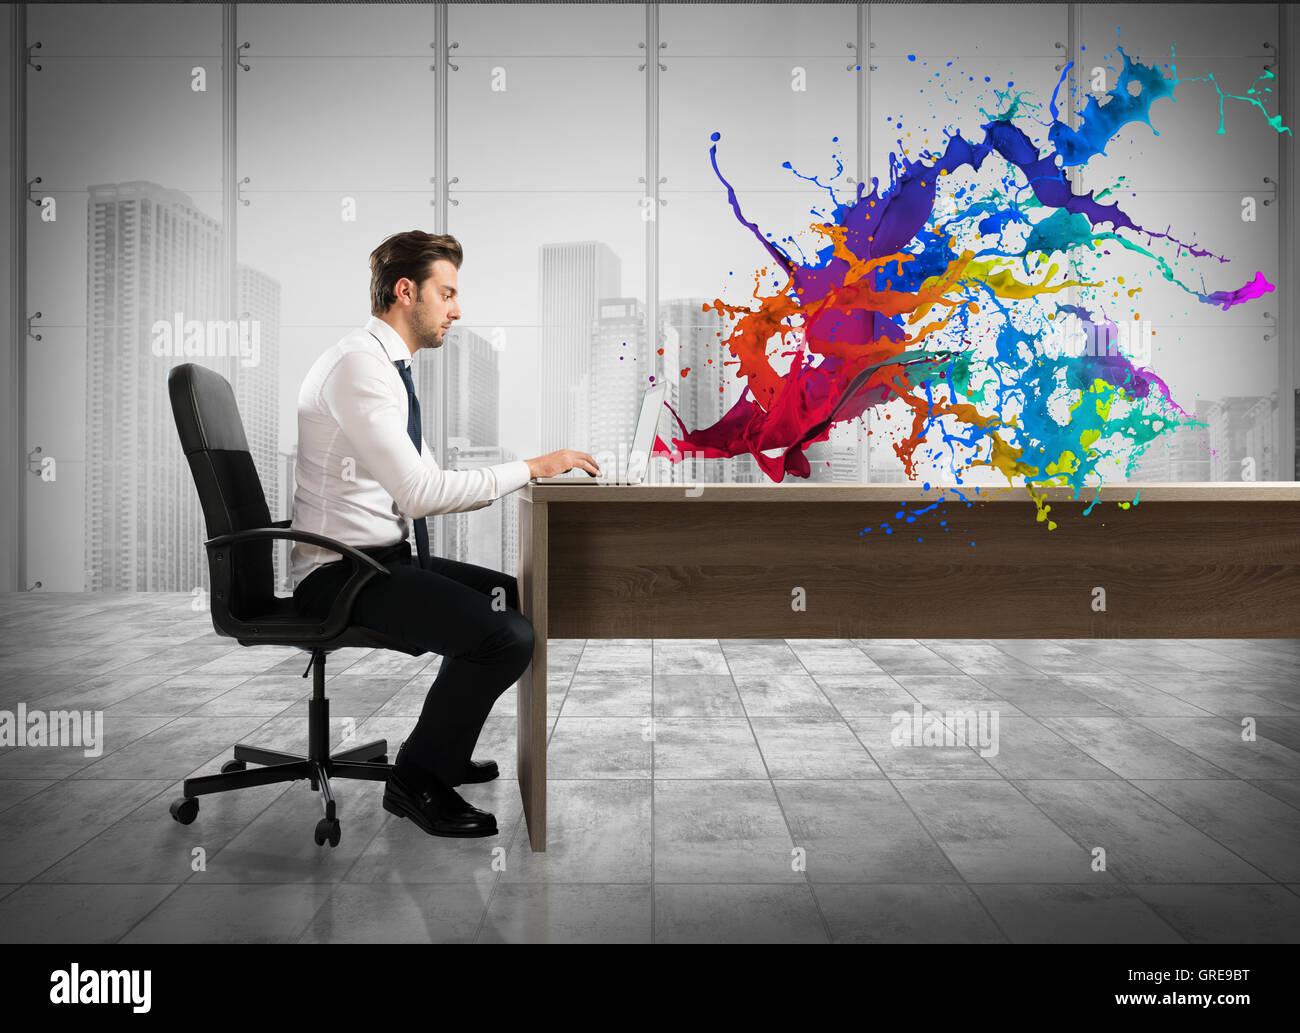 Concetto di azienda creativa con imprenditore lavora con il computer portatile Immagini Stock